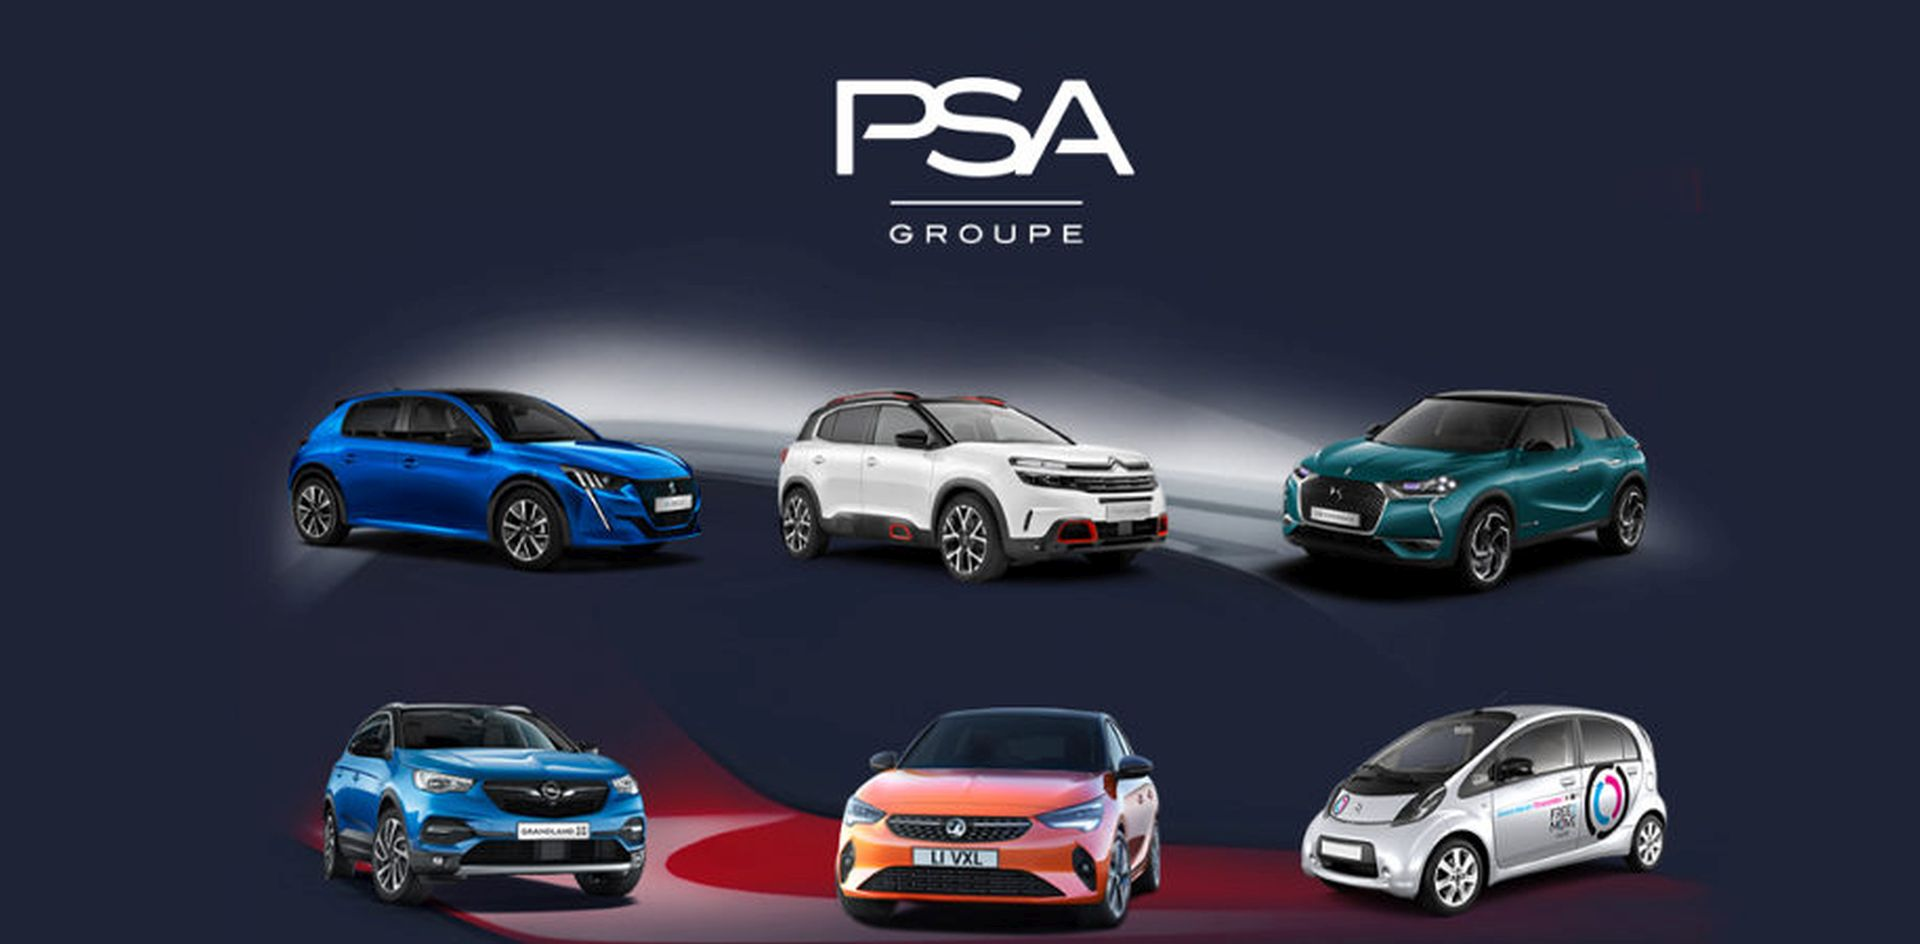 Vybraná vozidla značek patřících pod PSA. Foto: PSA